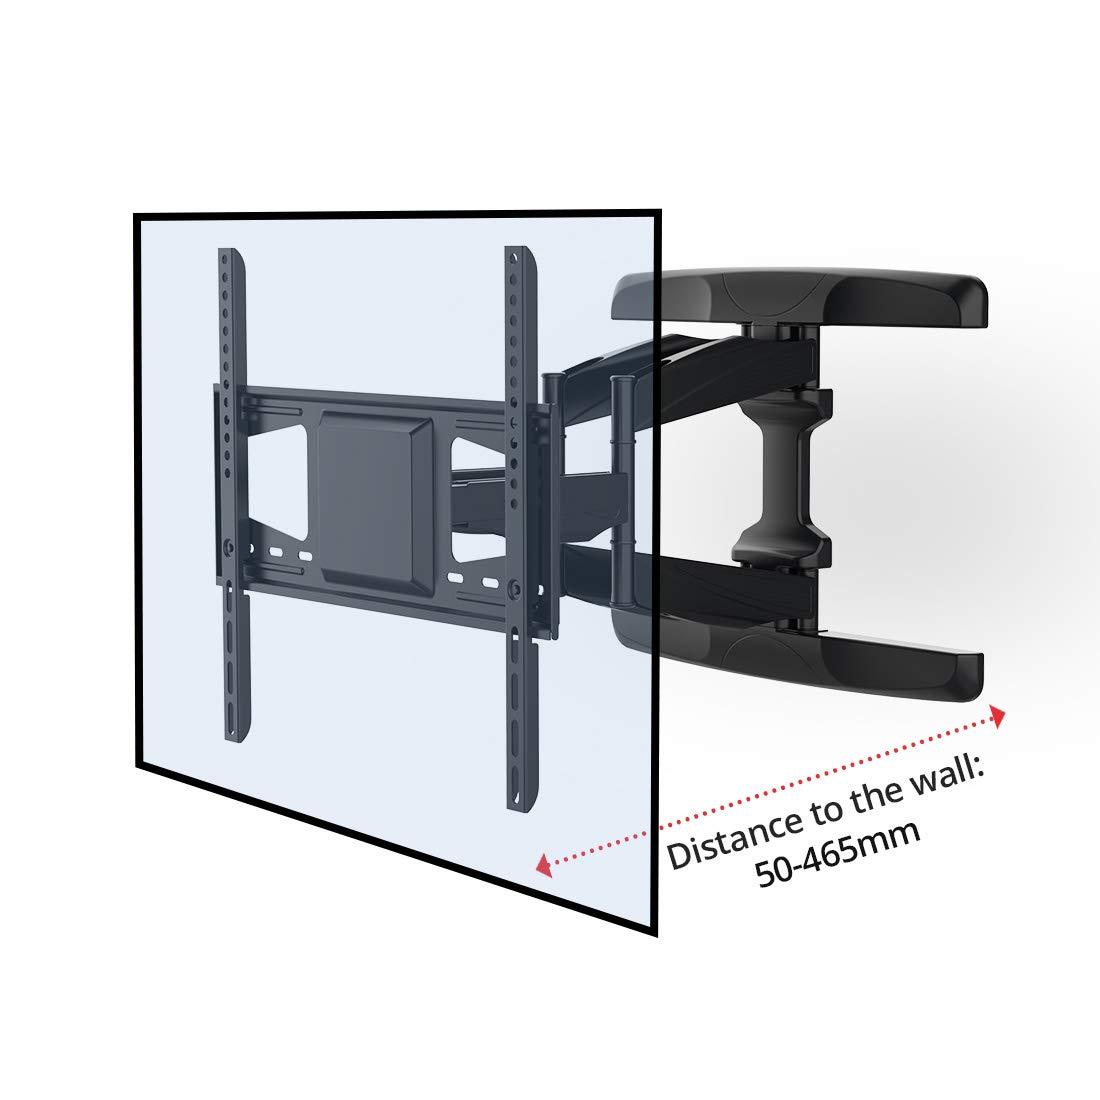 Fleximounts A29 Soporte de Pared para LED//LCD//Plasma//Pantalla Plana//TV de 42-70 Ultra Delgado con Brazo Articulado VESA MAX 600x400mm Carga MAX 90 kg. Inclinable y Giratorio Fijo